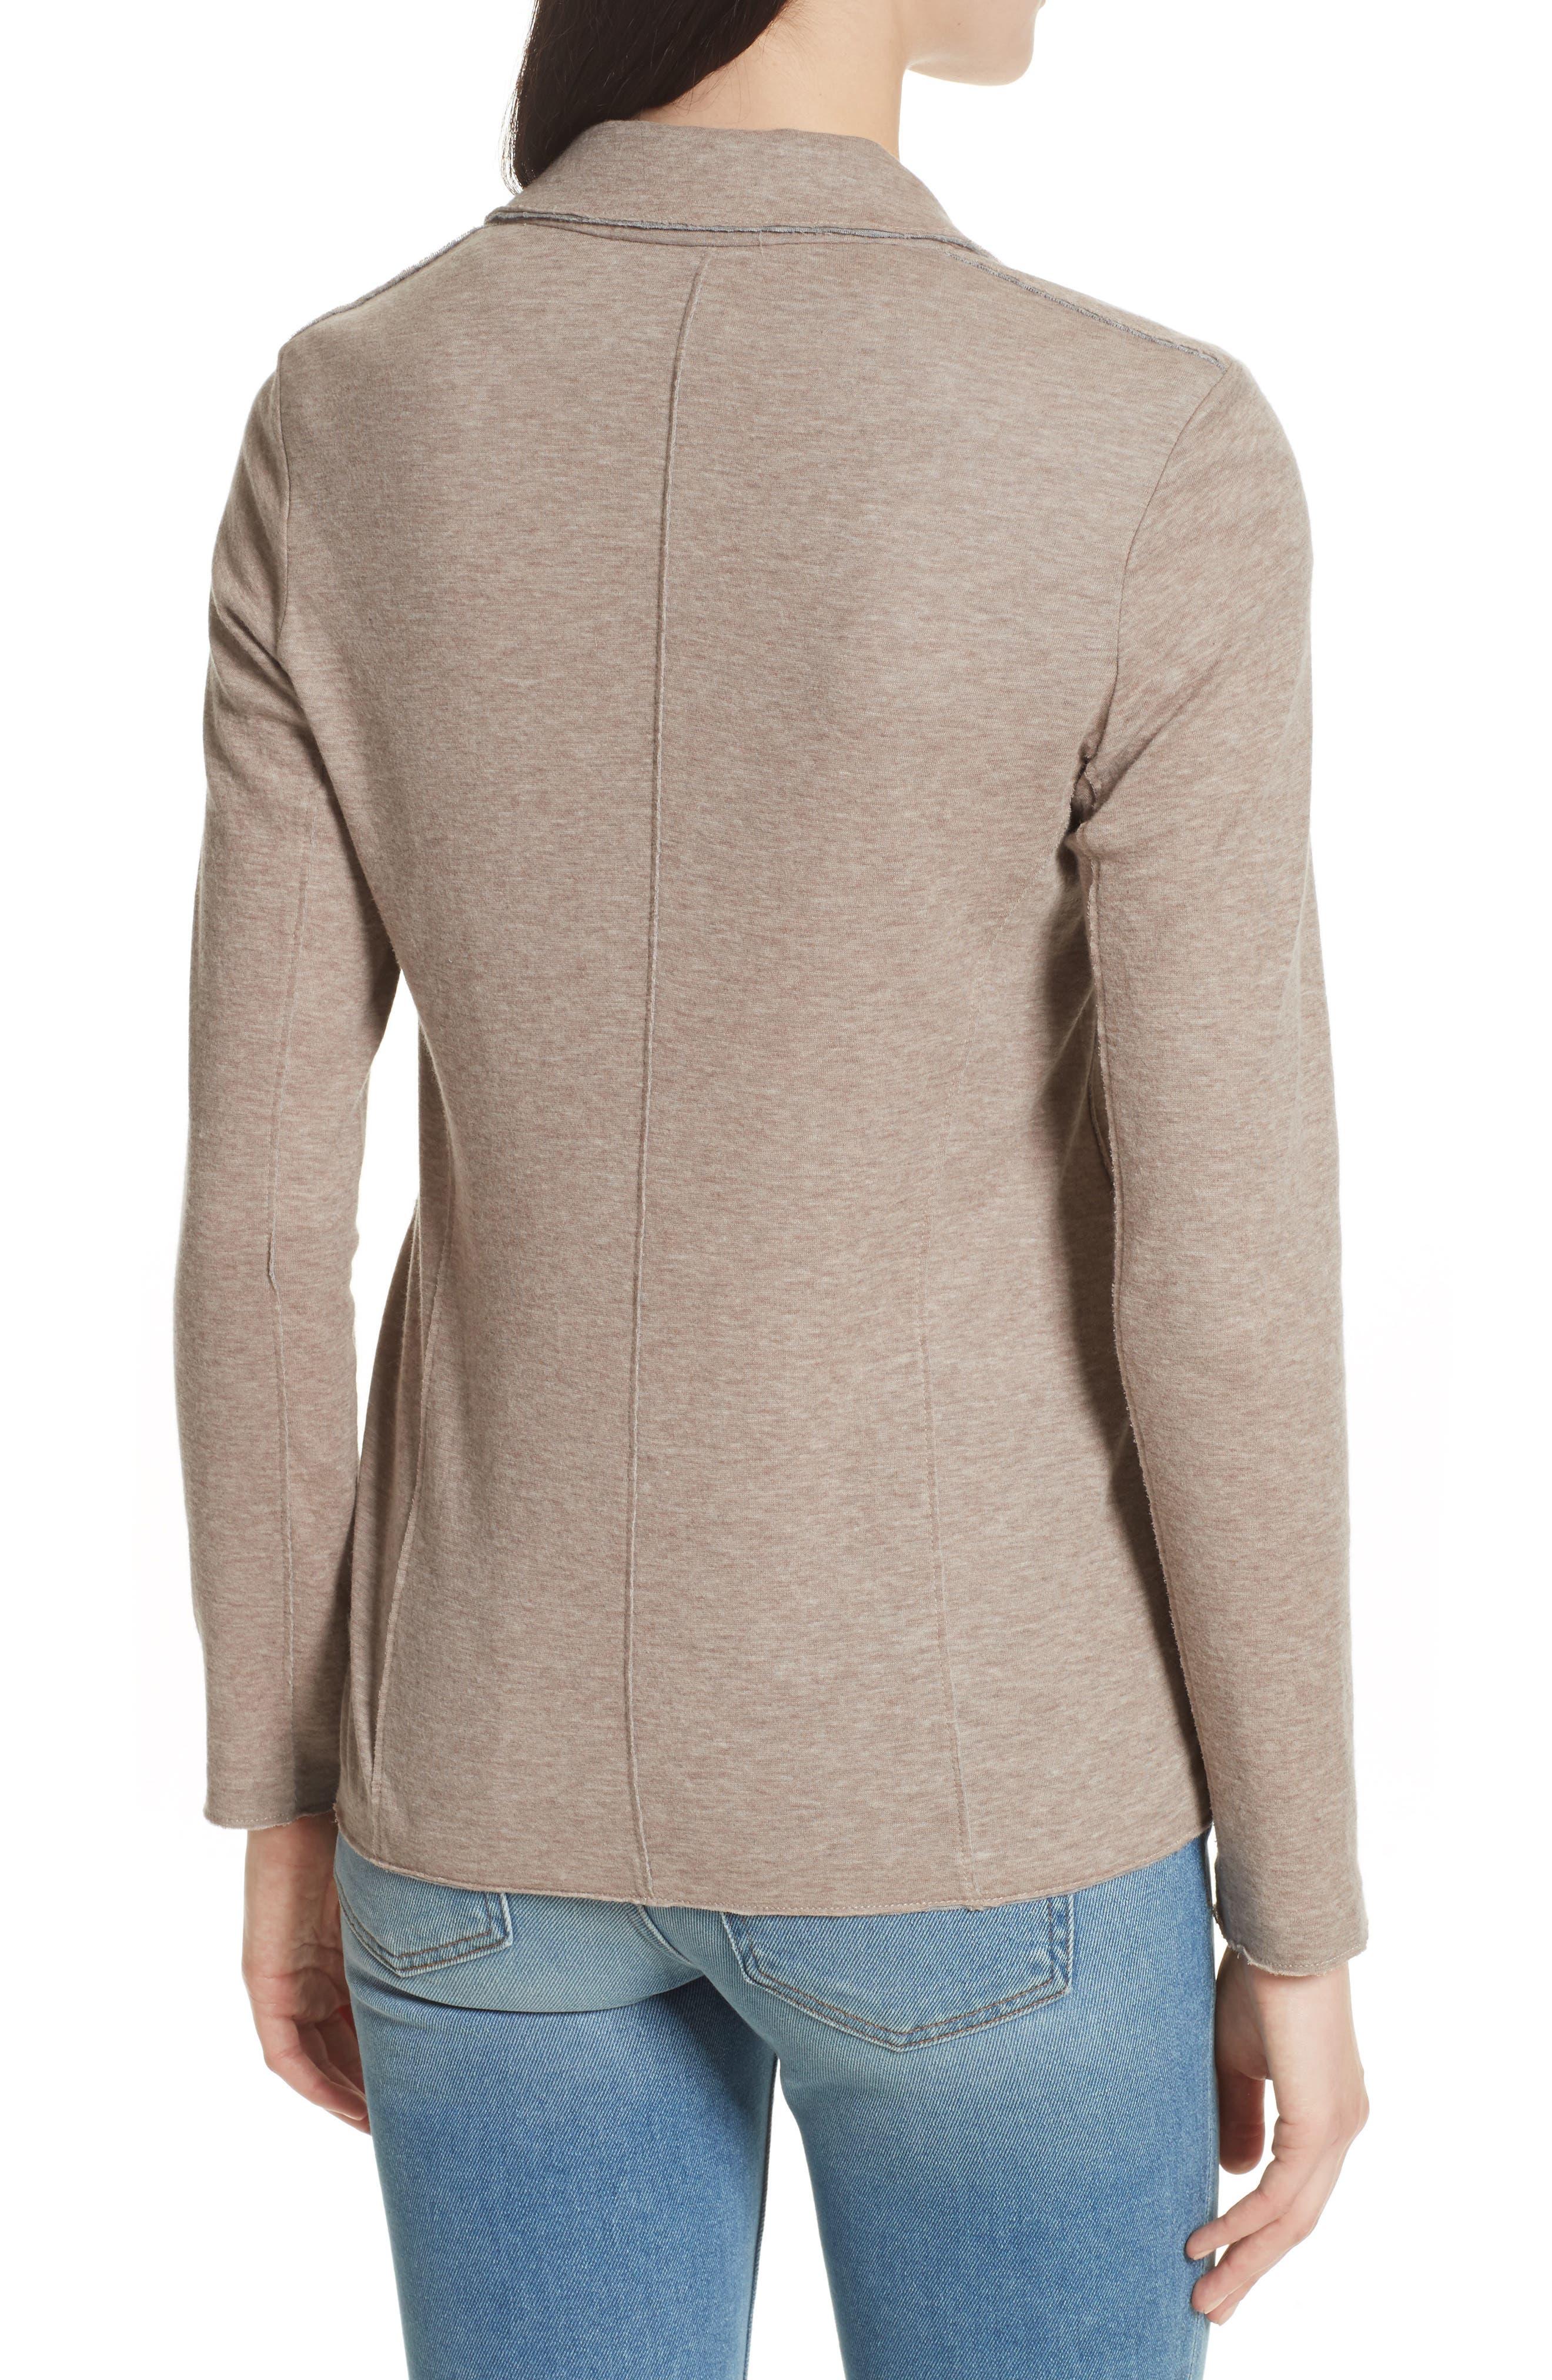 One-Button Cotton & Cashmere Blazer,                             Alternate thumbnail 2, color,                             Beige/ Grey